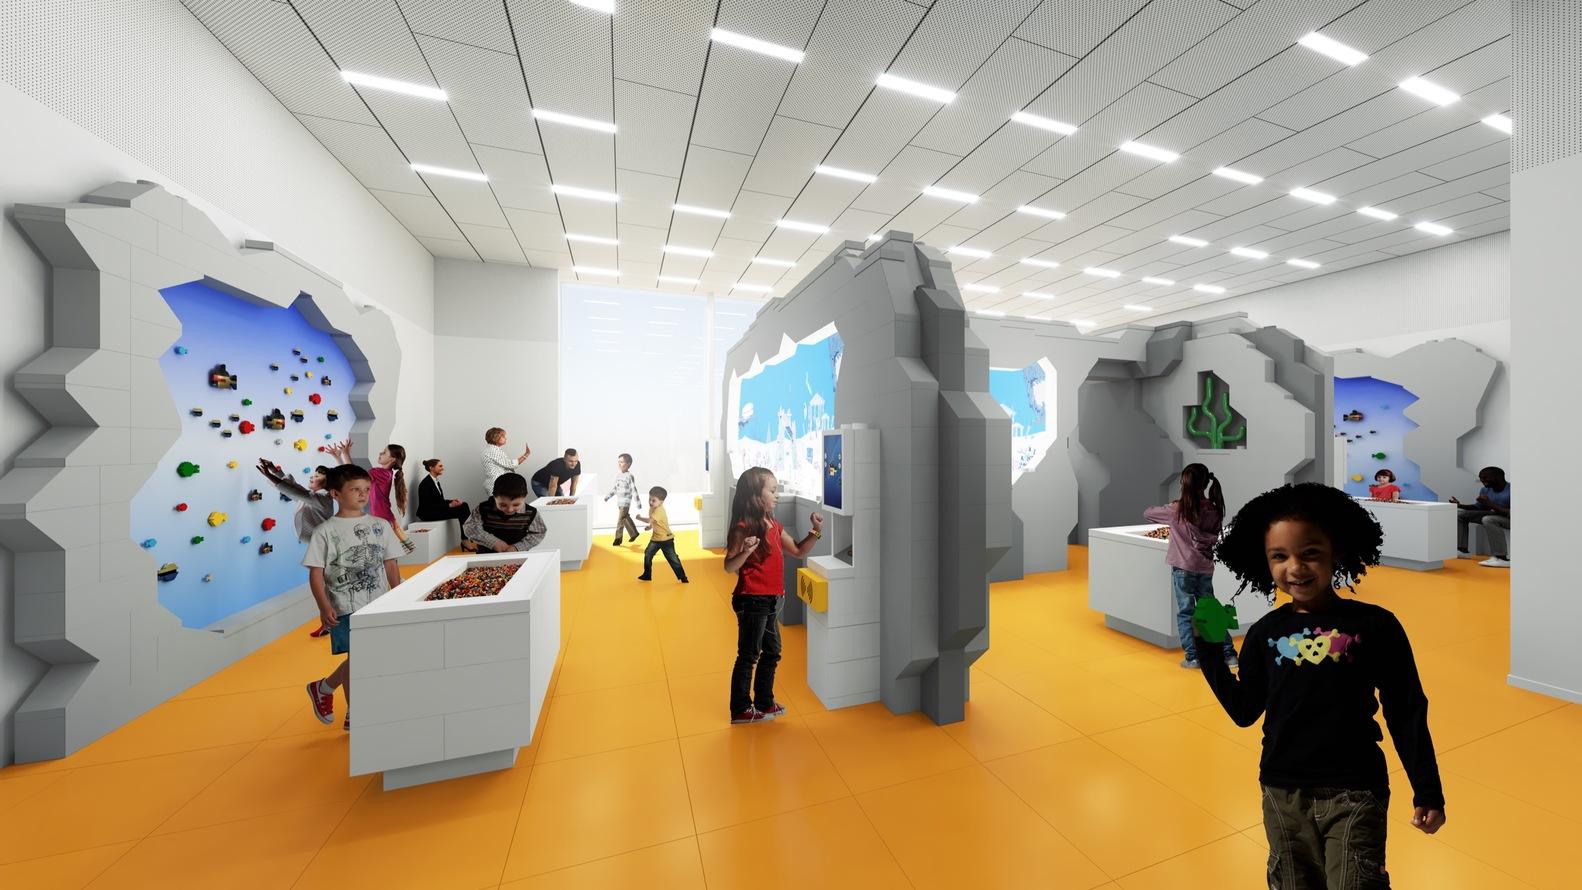 Фасад LEGO House будет представлять собой имитацию кладки изтрадиционных кирпичиков LEGO